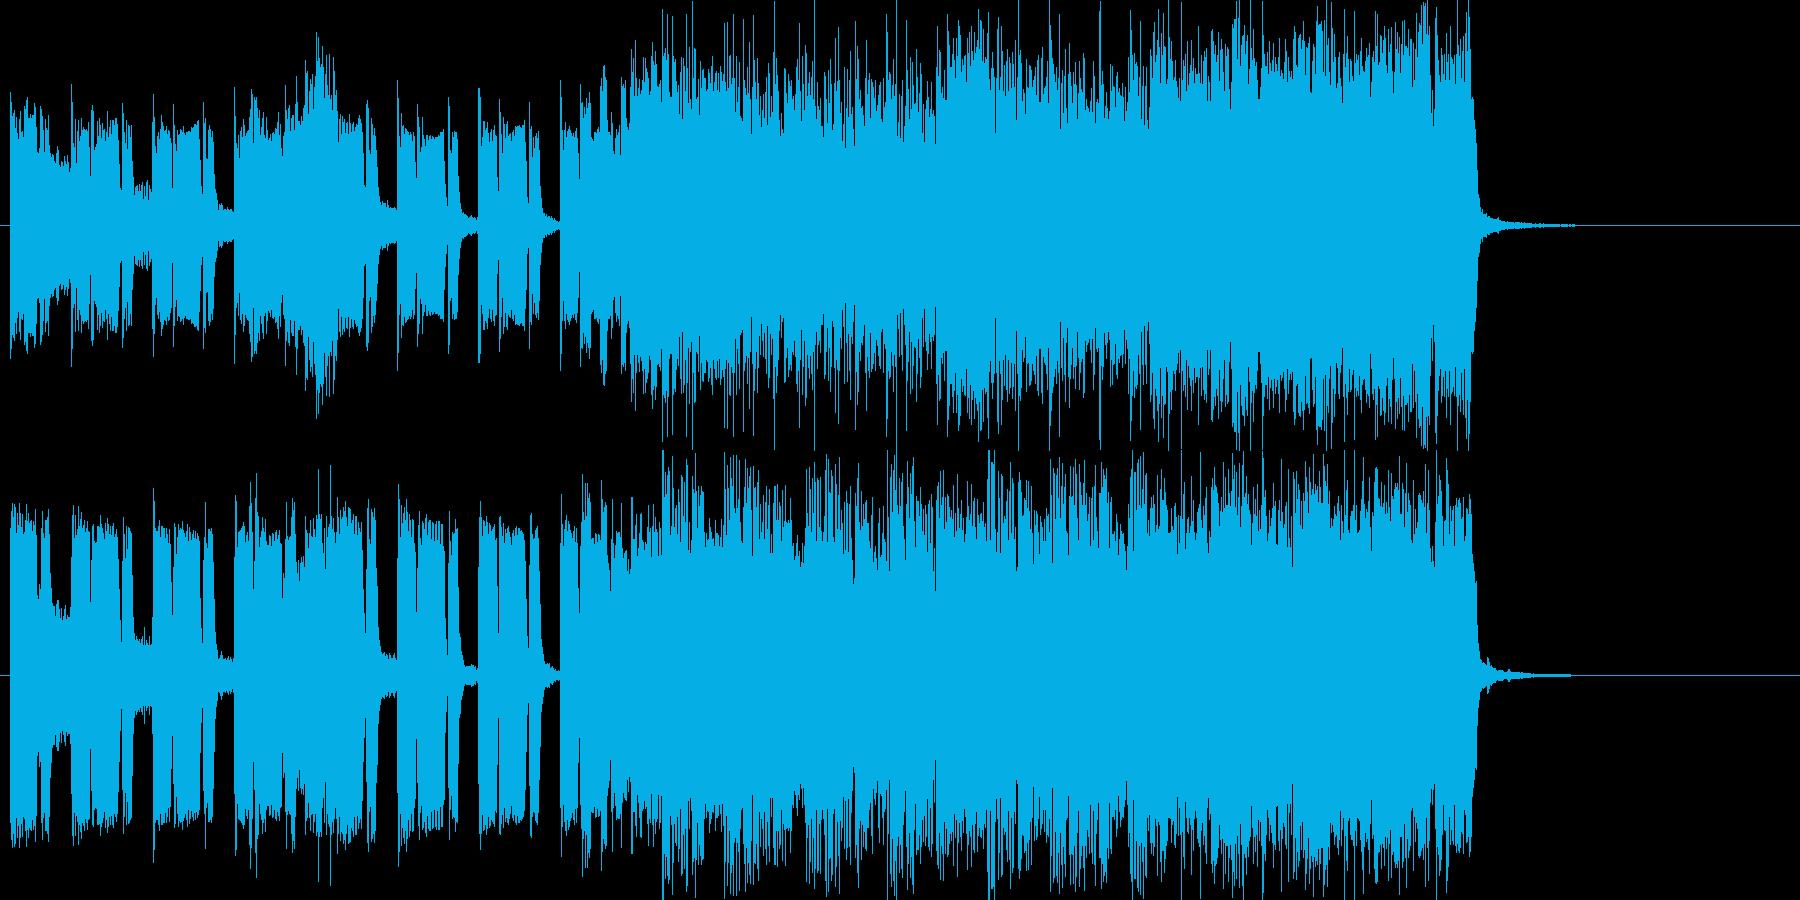 ボクシングの入場のイメージのジングルの再生済みの波形